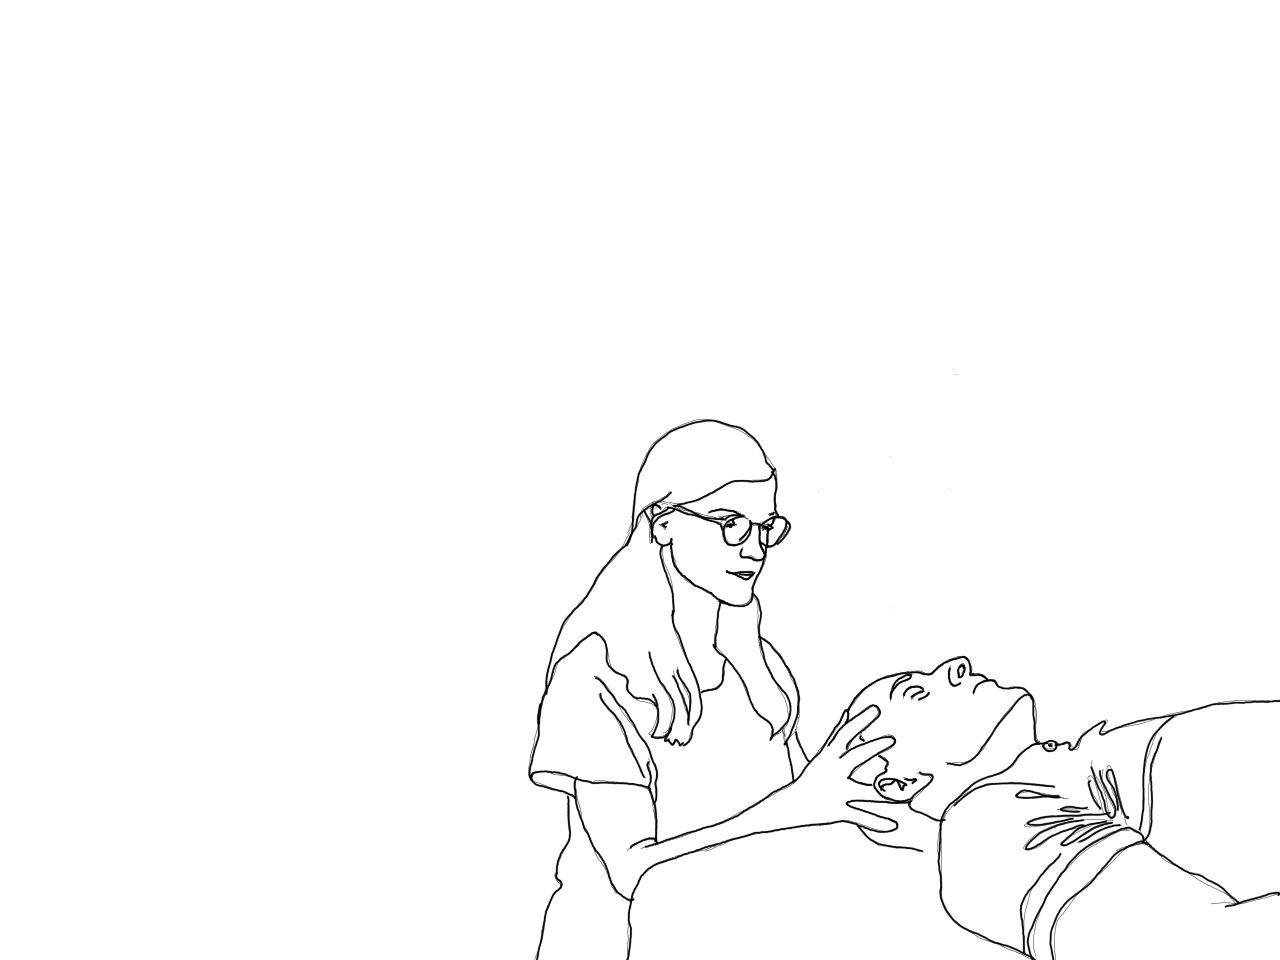 Auf einem gezeichnetem Bild hält ein weiblicher Heilpraktiker den Kopf eines jungen Mannes bei einer Behandlung mit craniosacraler Osteopathie.